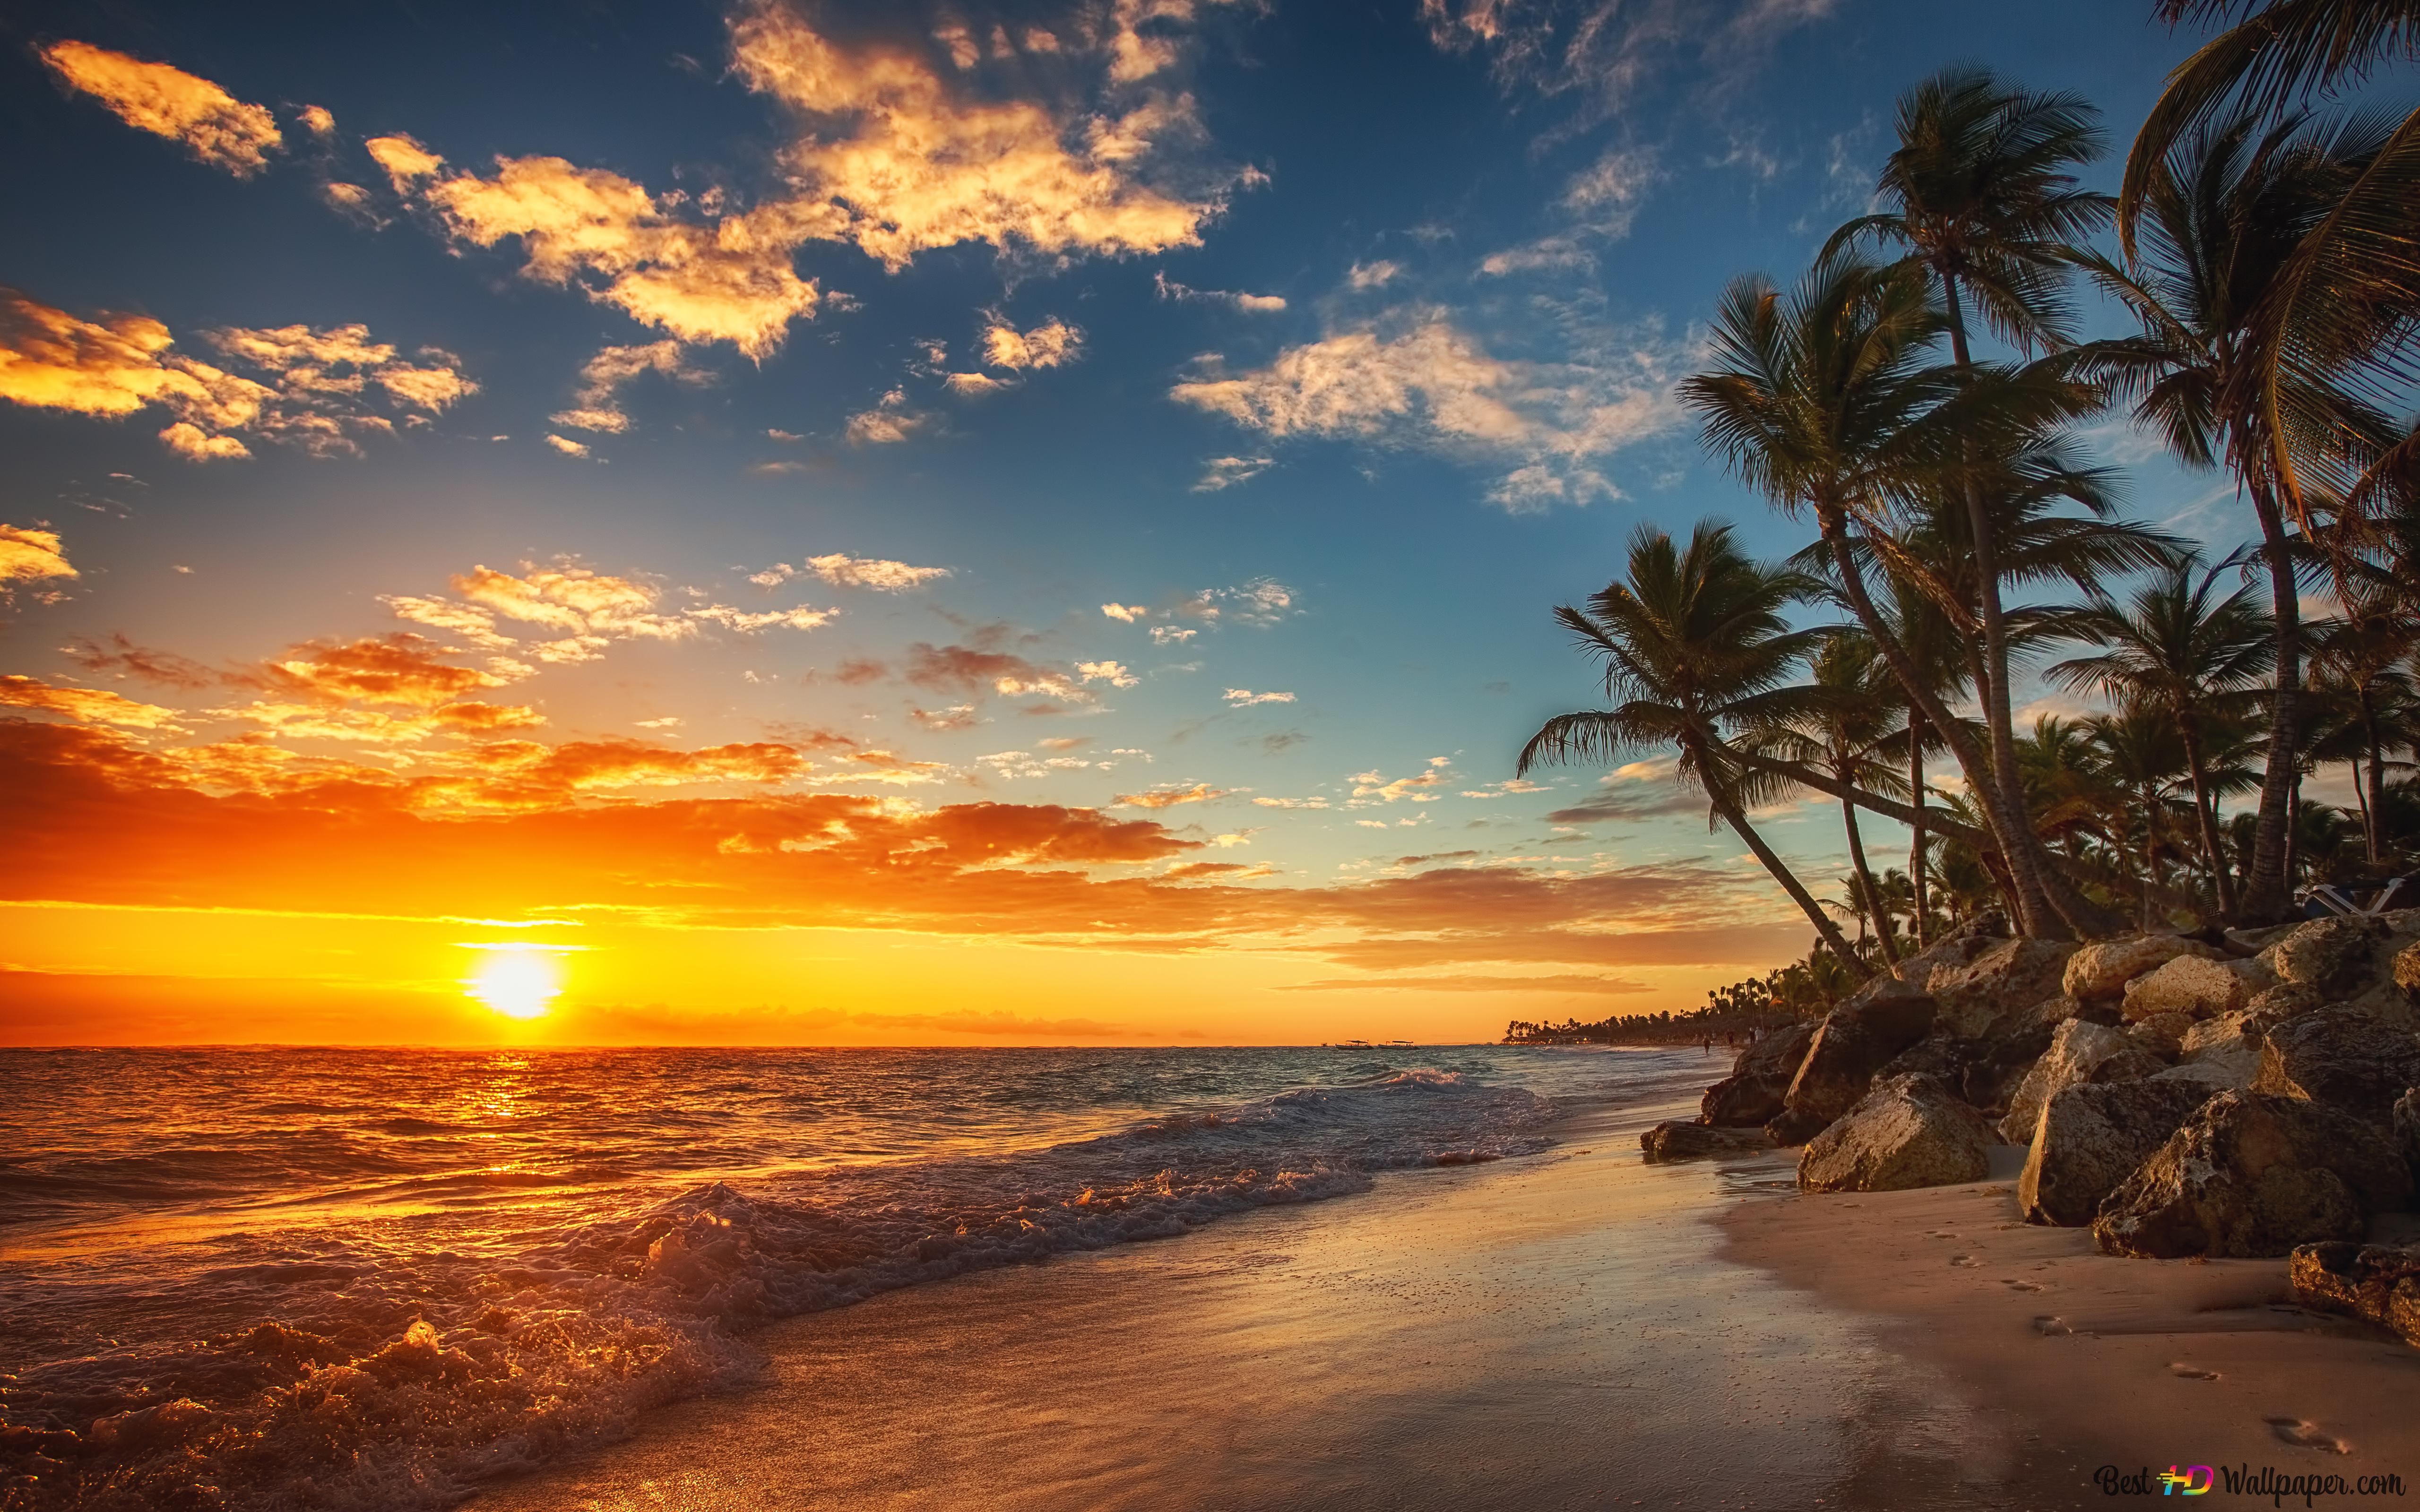 Tramonto Nel Spiaggia Del Mar Download Di Sfondi Hd